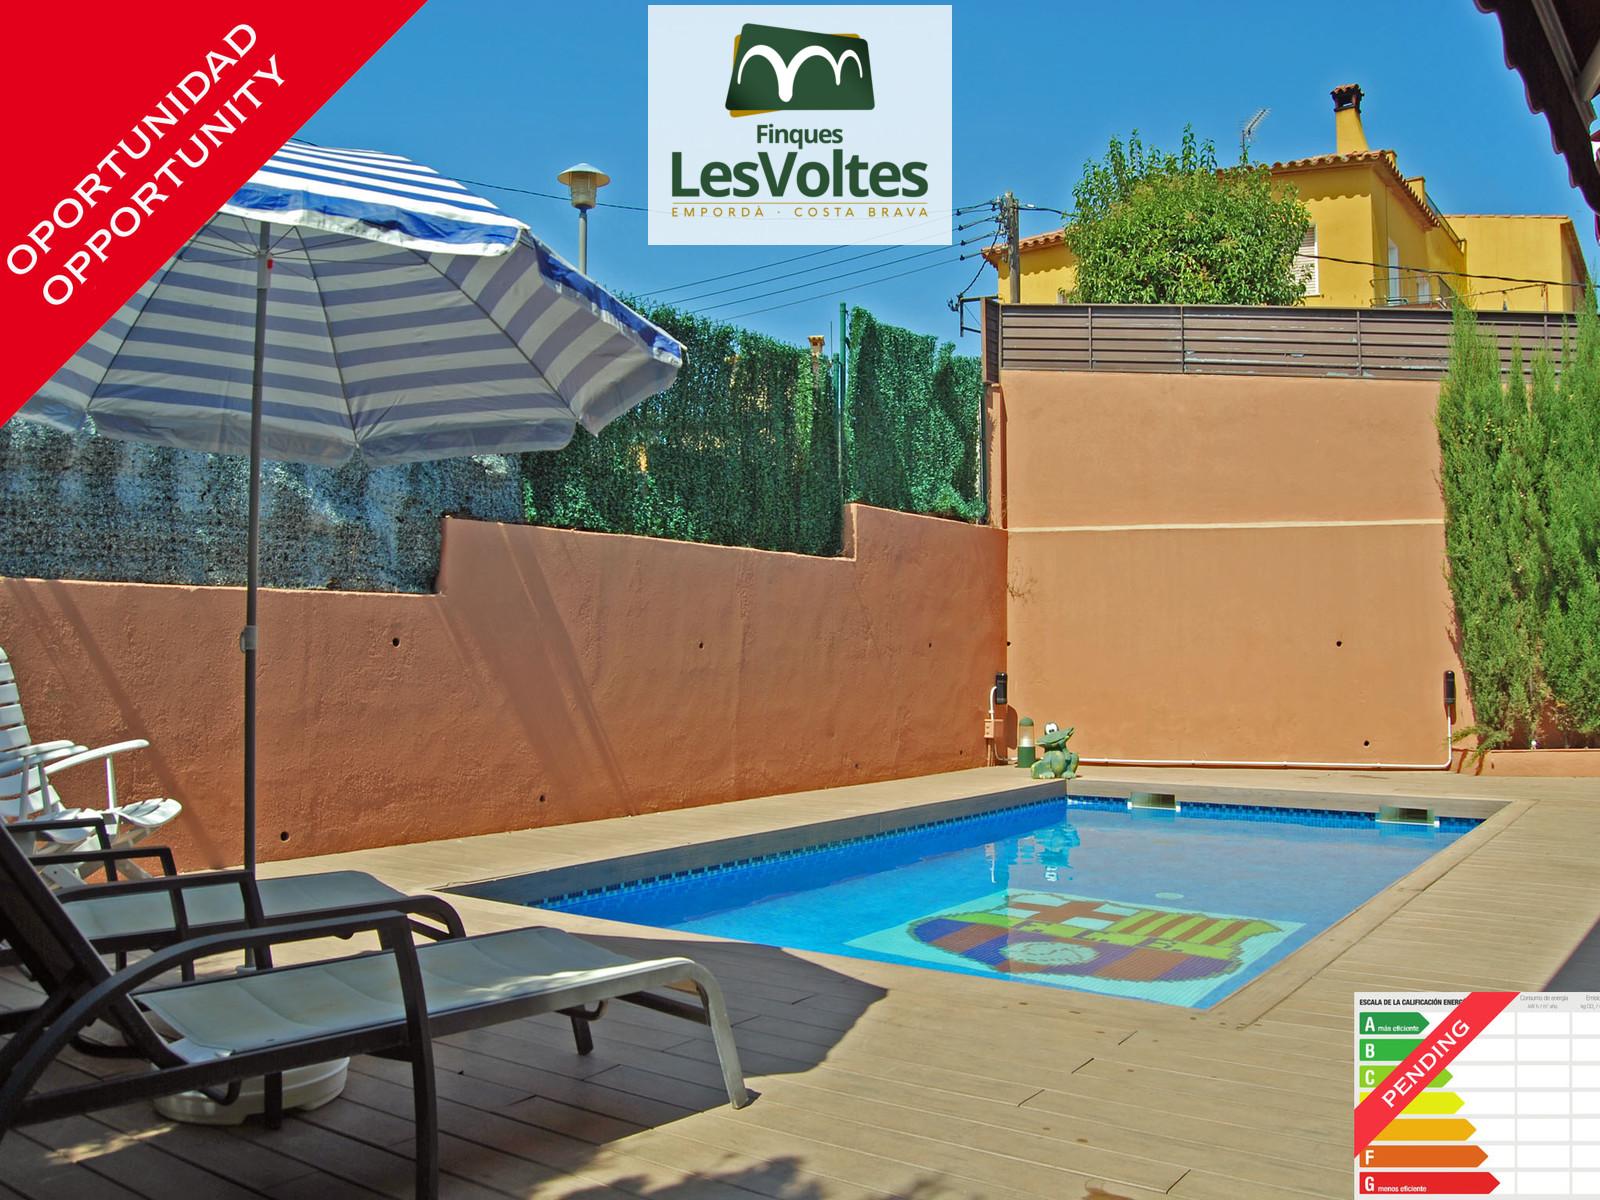 Casa amb piscina i jardí en venda a Palafrugell. Situació en zona tranquil·la i de fàcil accés.